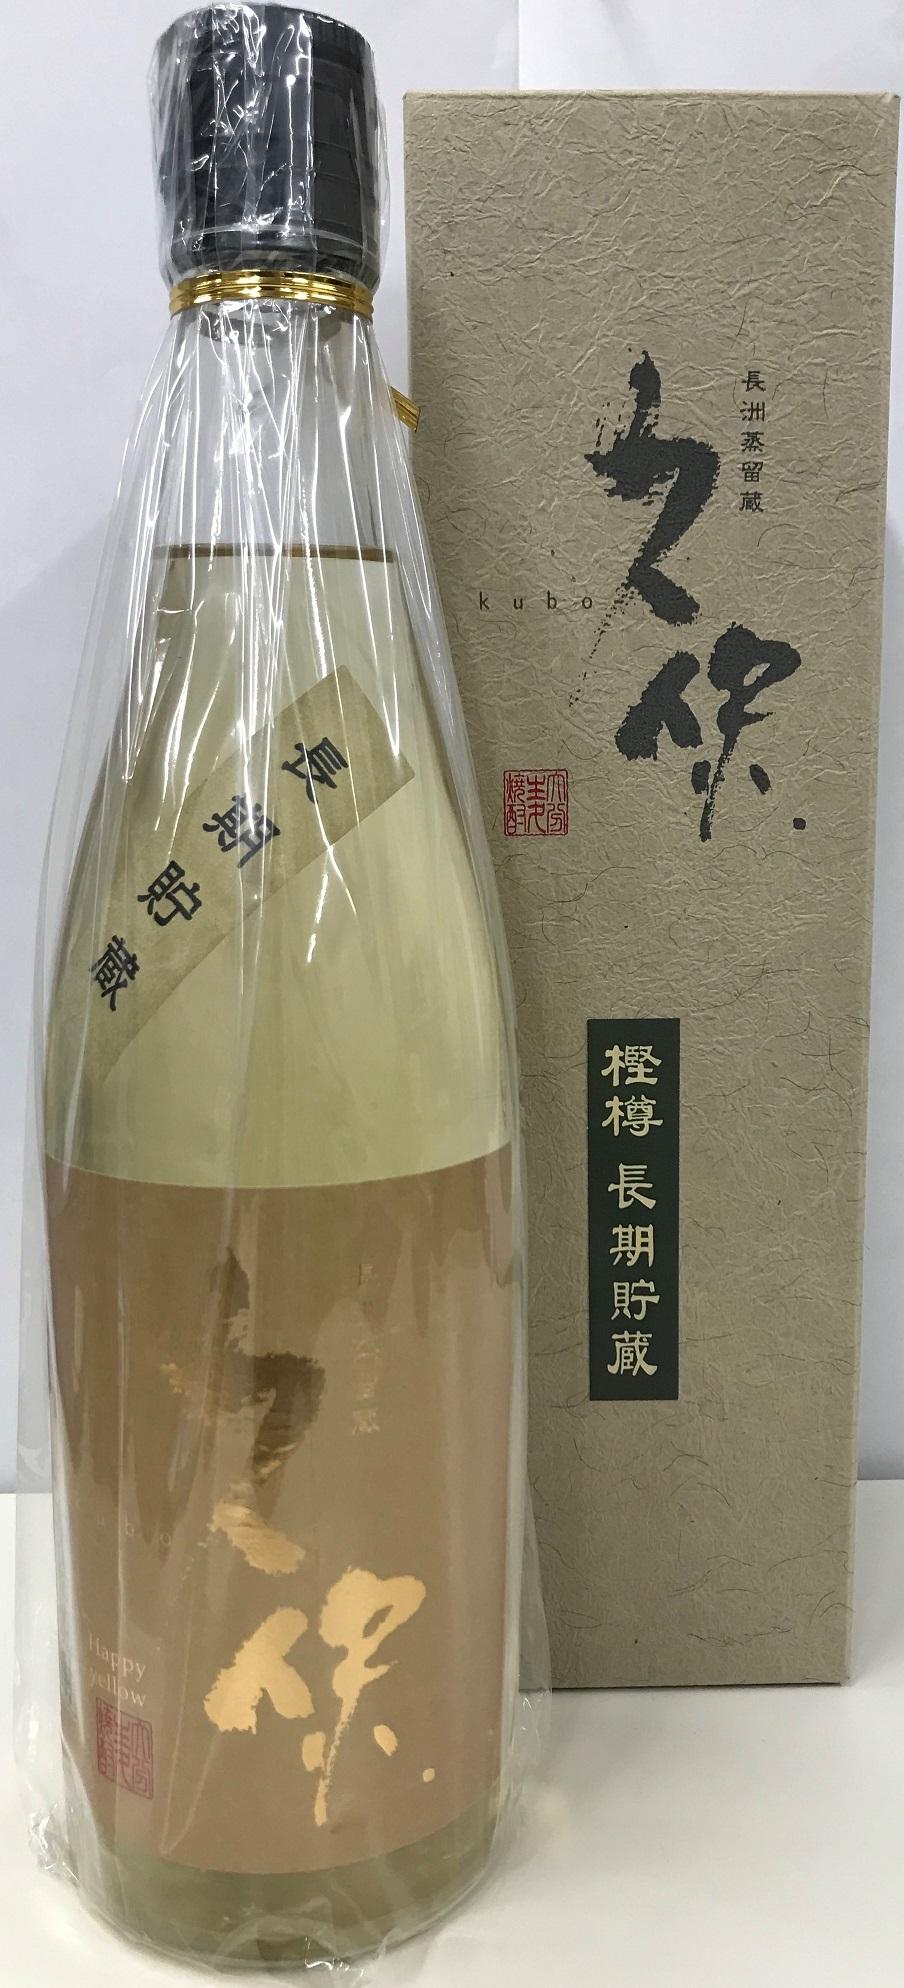 【麦焼酎】久保酒蔵 長洲蒸留蔵『久保~樫樽長期貯蔵』